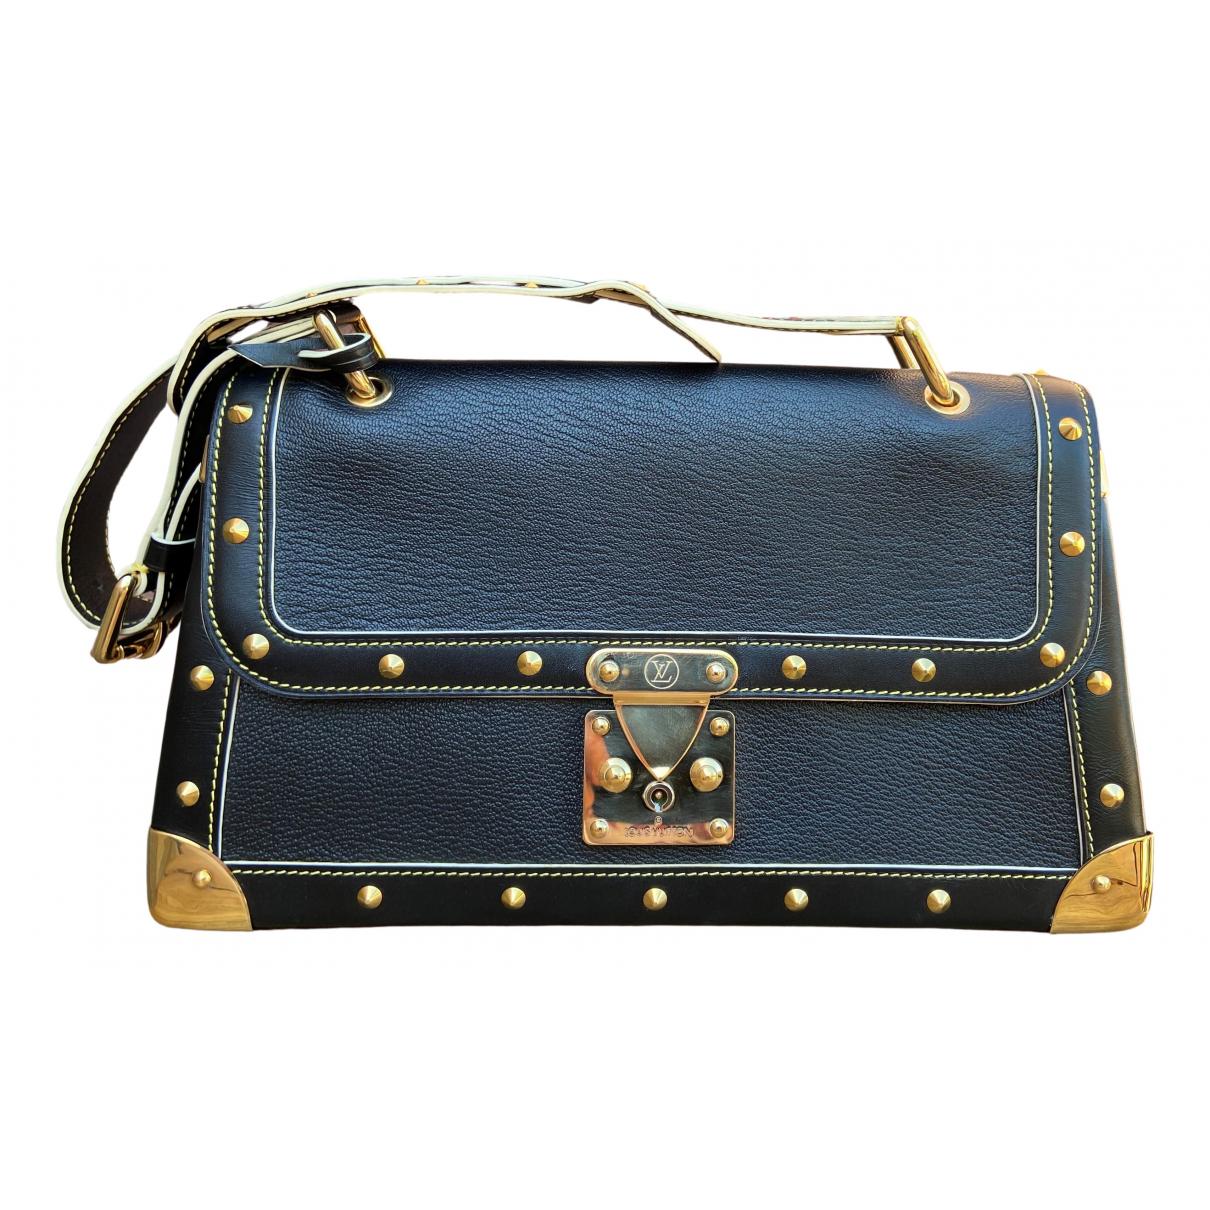 Louis Vuitton Le Talentueux Black Leather handbag for Women \N